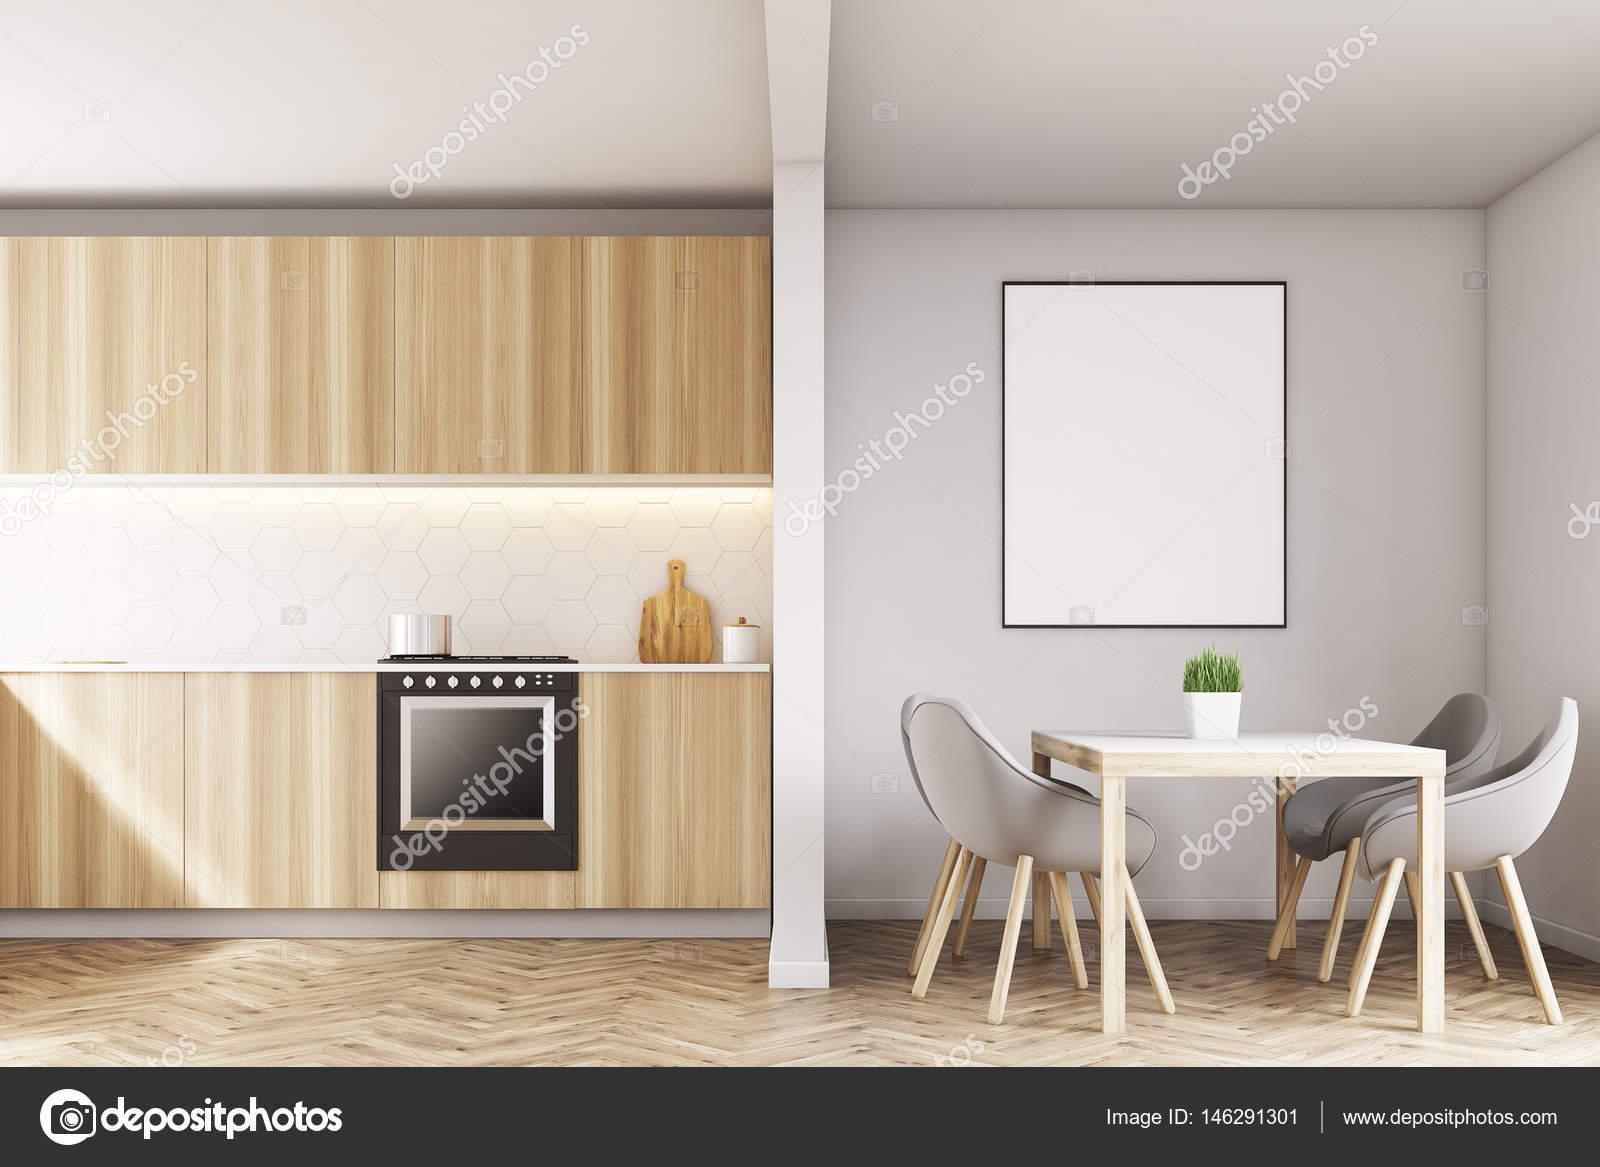 Banconi da cucina e un tavolo — Foto Stock © denisismagilov #146291301